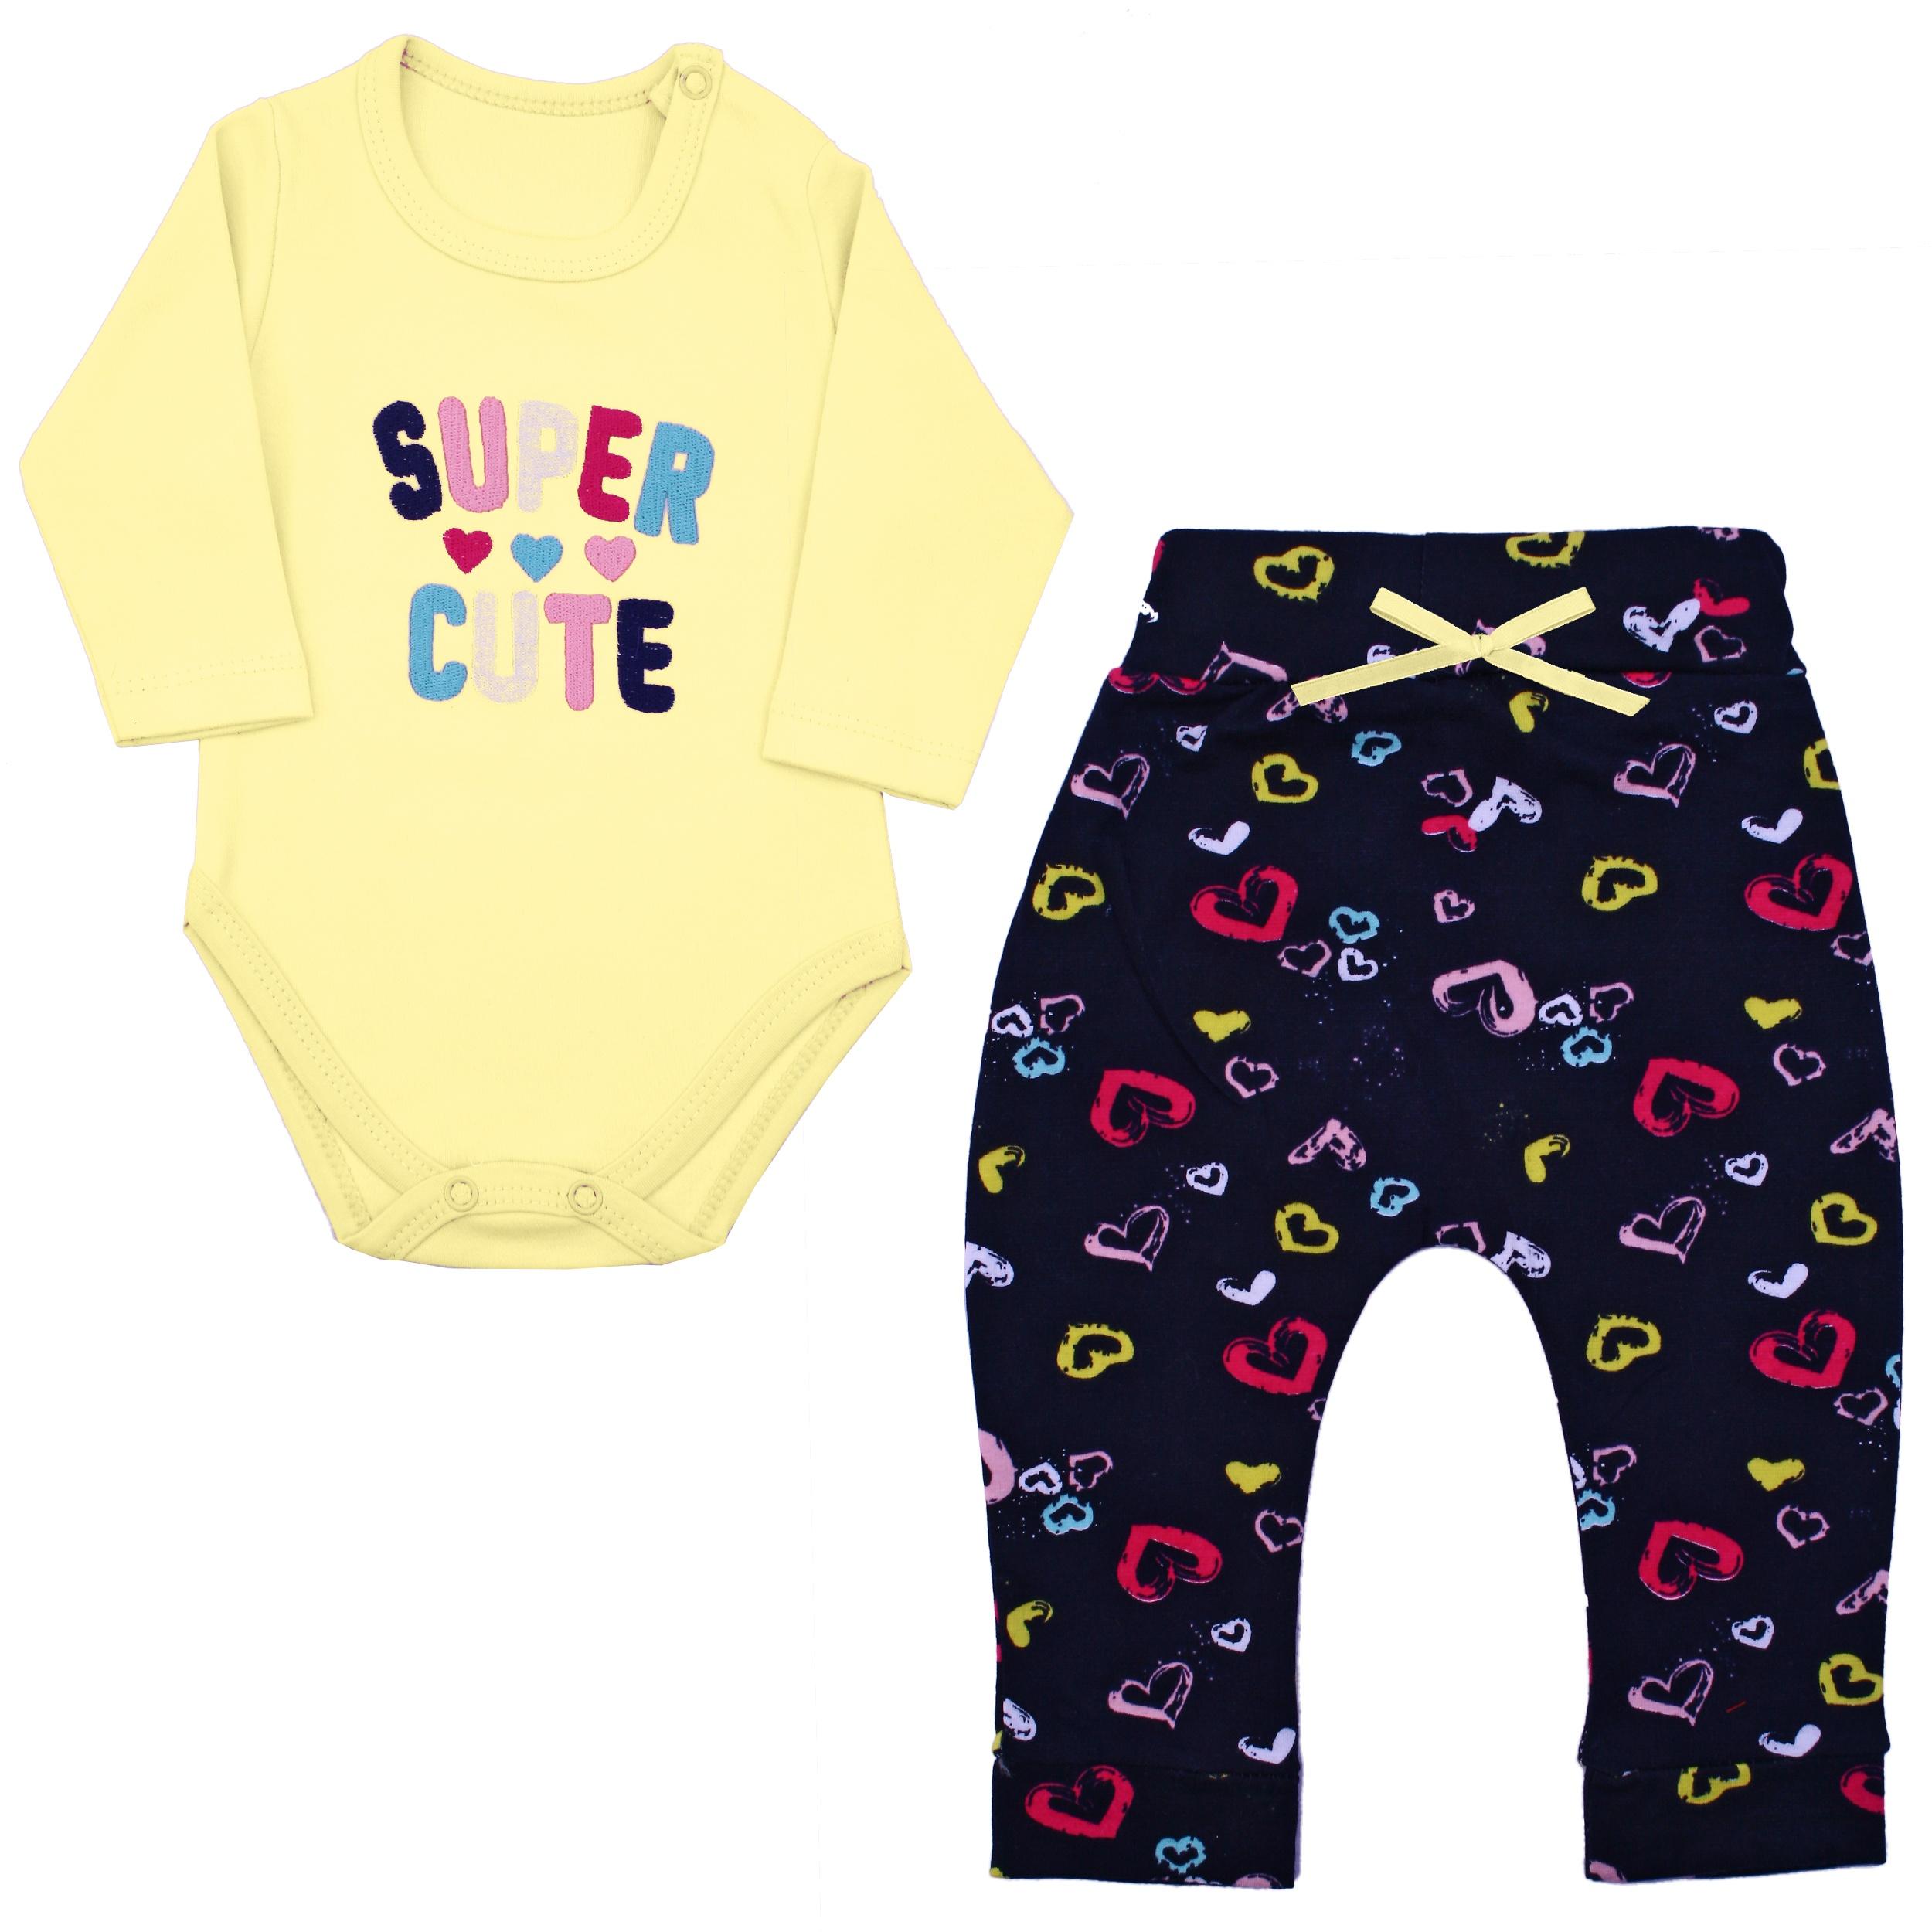 ست بادی و شلوار نوزادی دخترانه کد SUC03 رنگ زرد